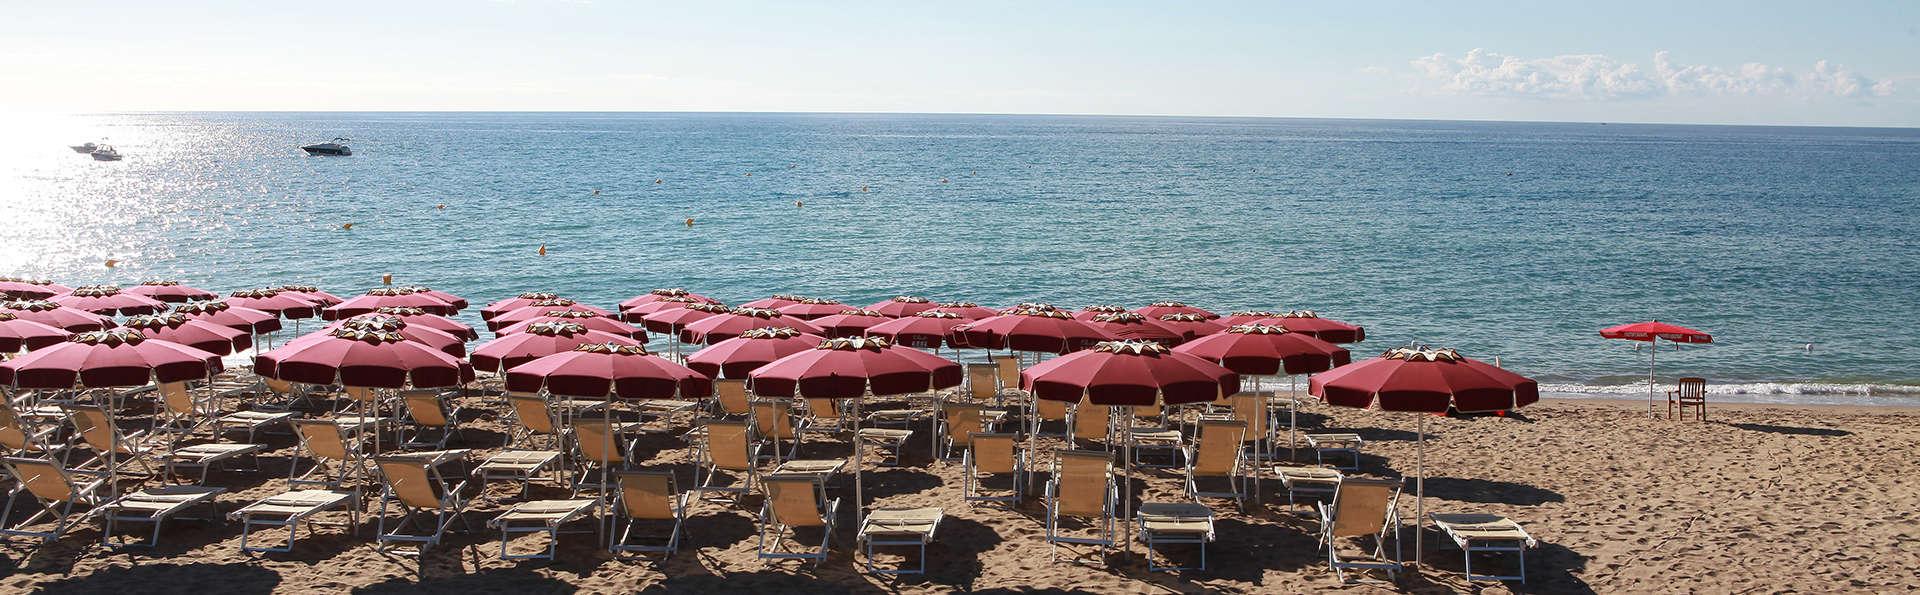 Vacaciones con toda la familia en la soleada costa de Calabria (7 noches)